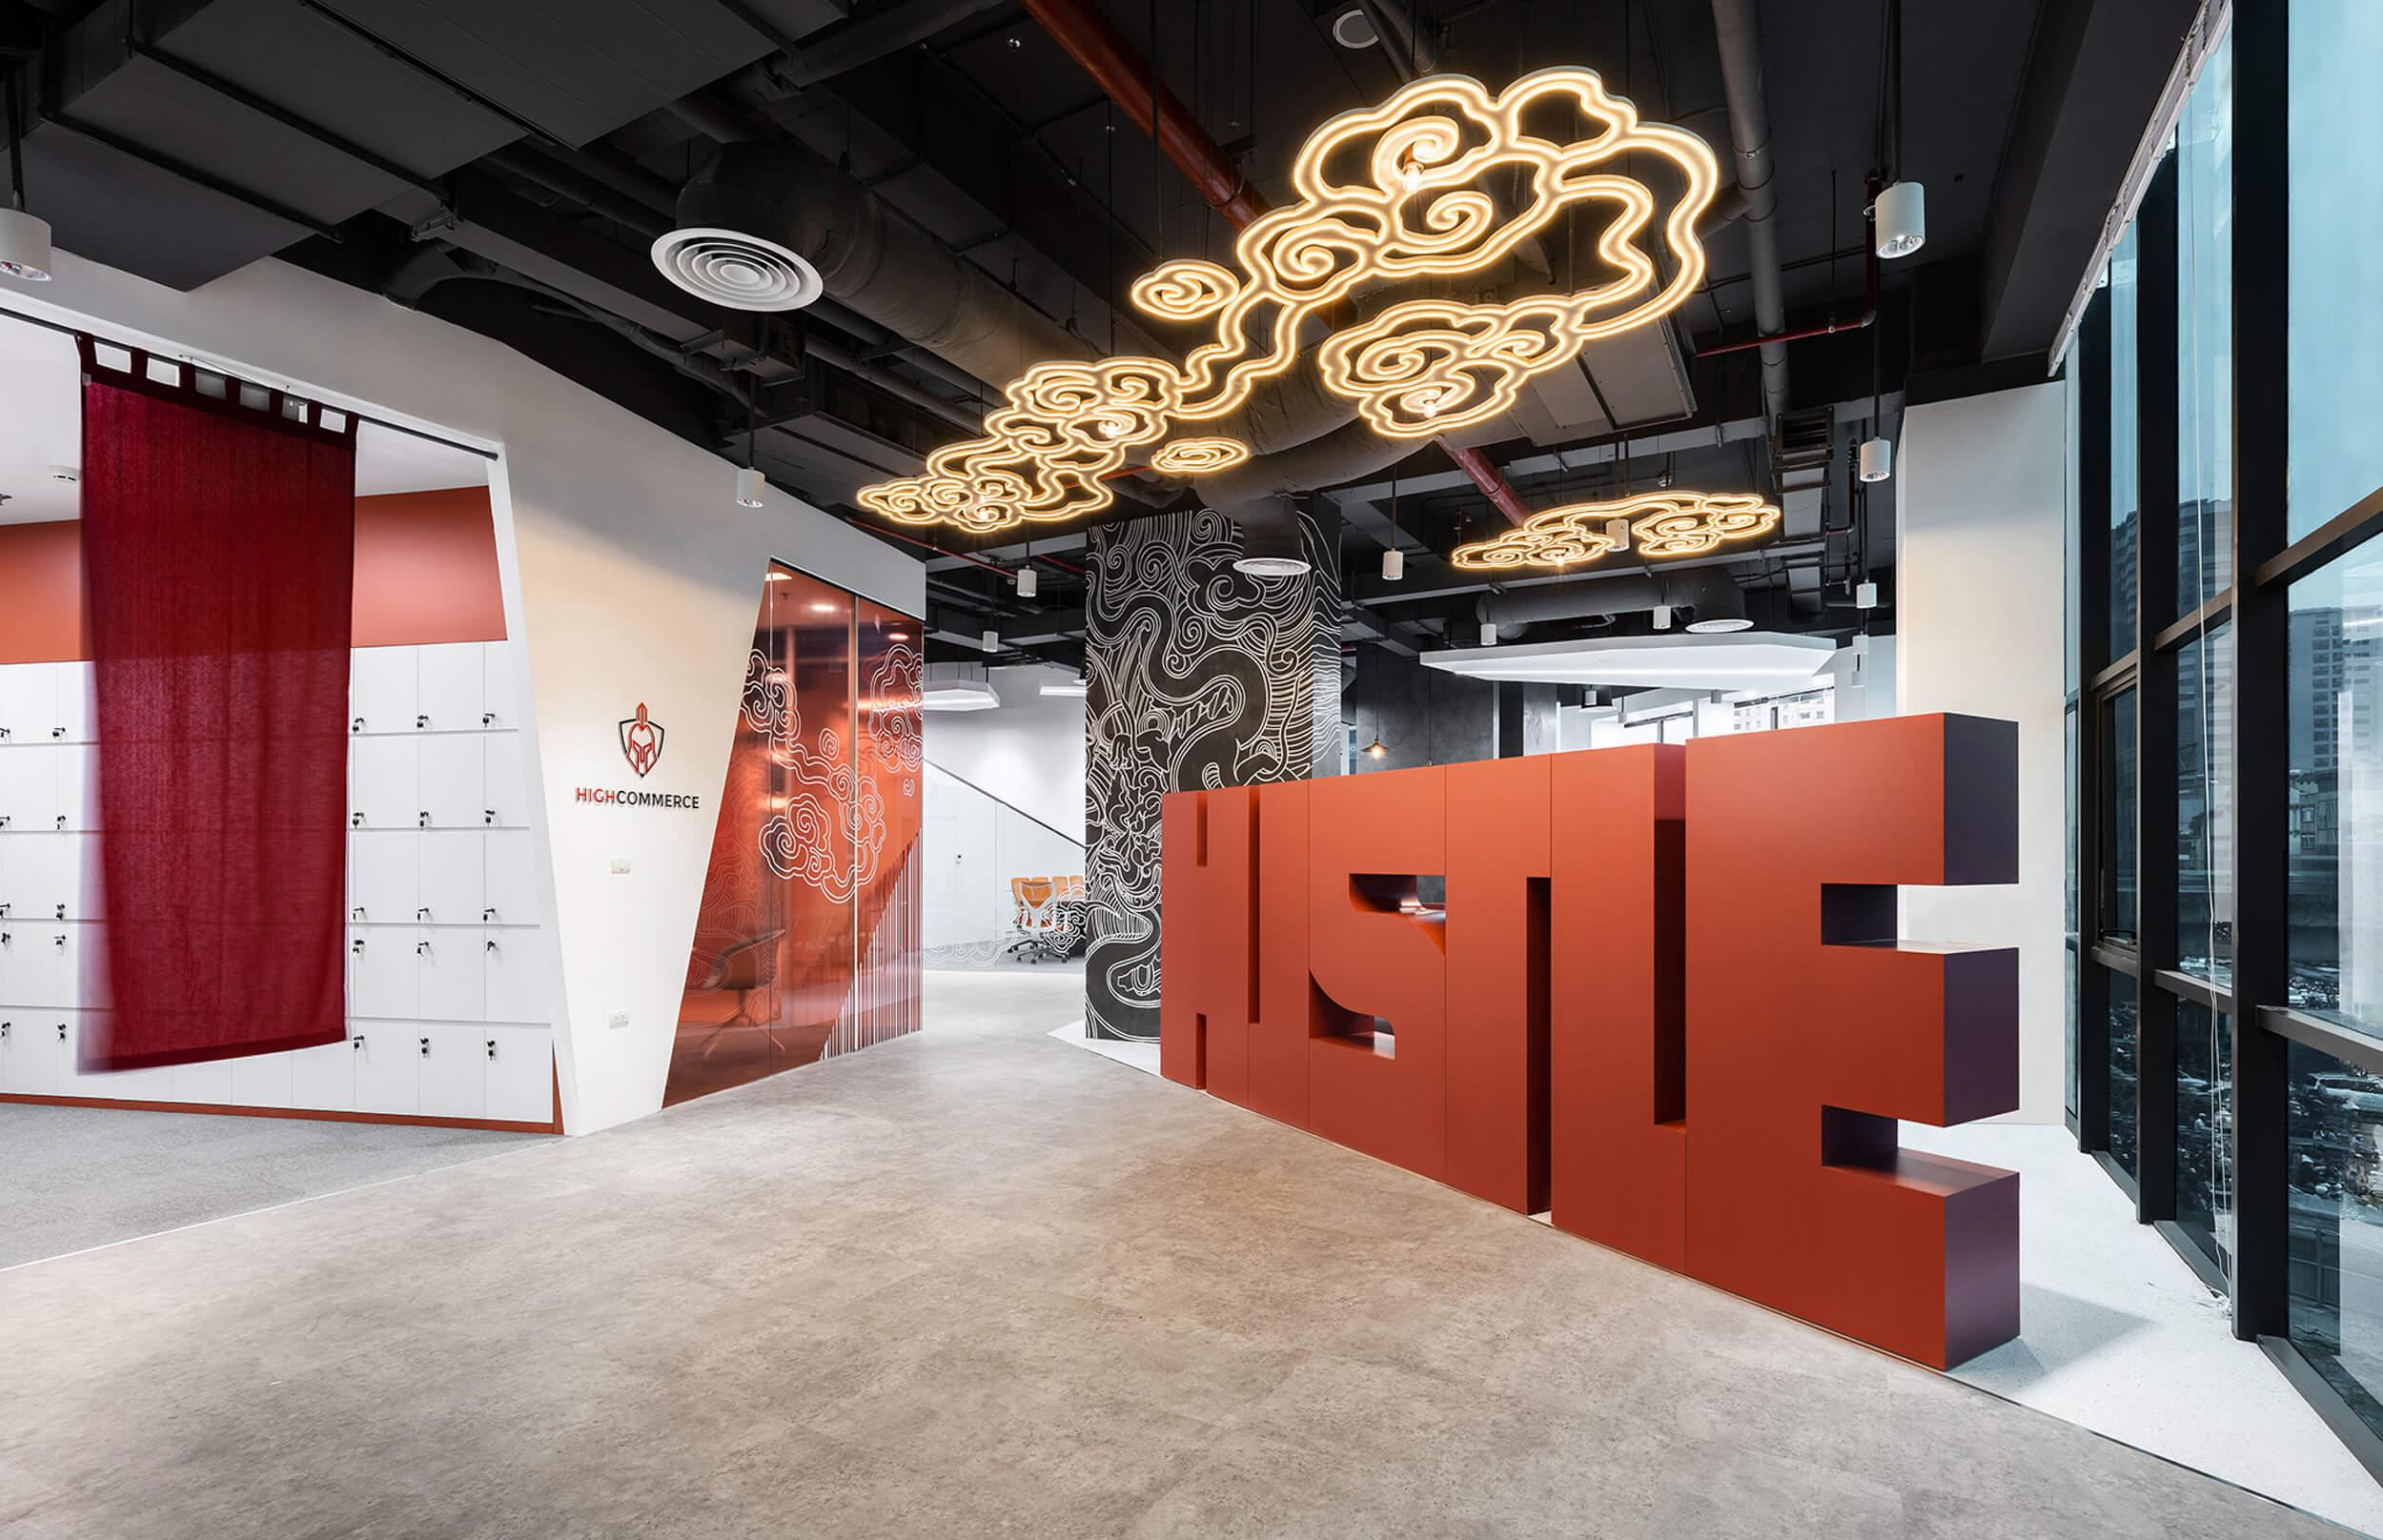 Sảnh văn phòng HighCommerce thiết kế theo thương hiệu và văn hoá doanh nghiệp